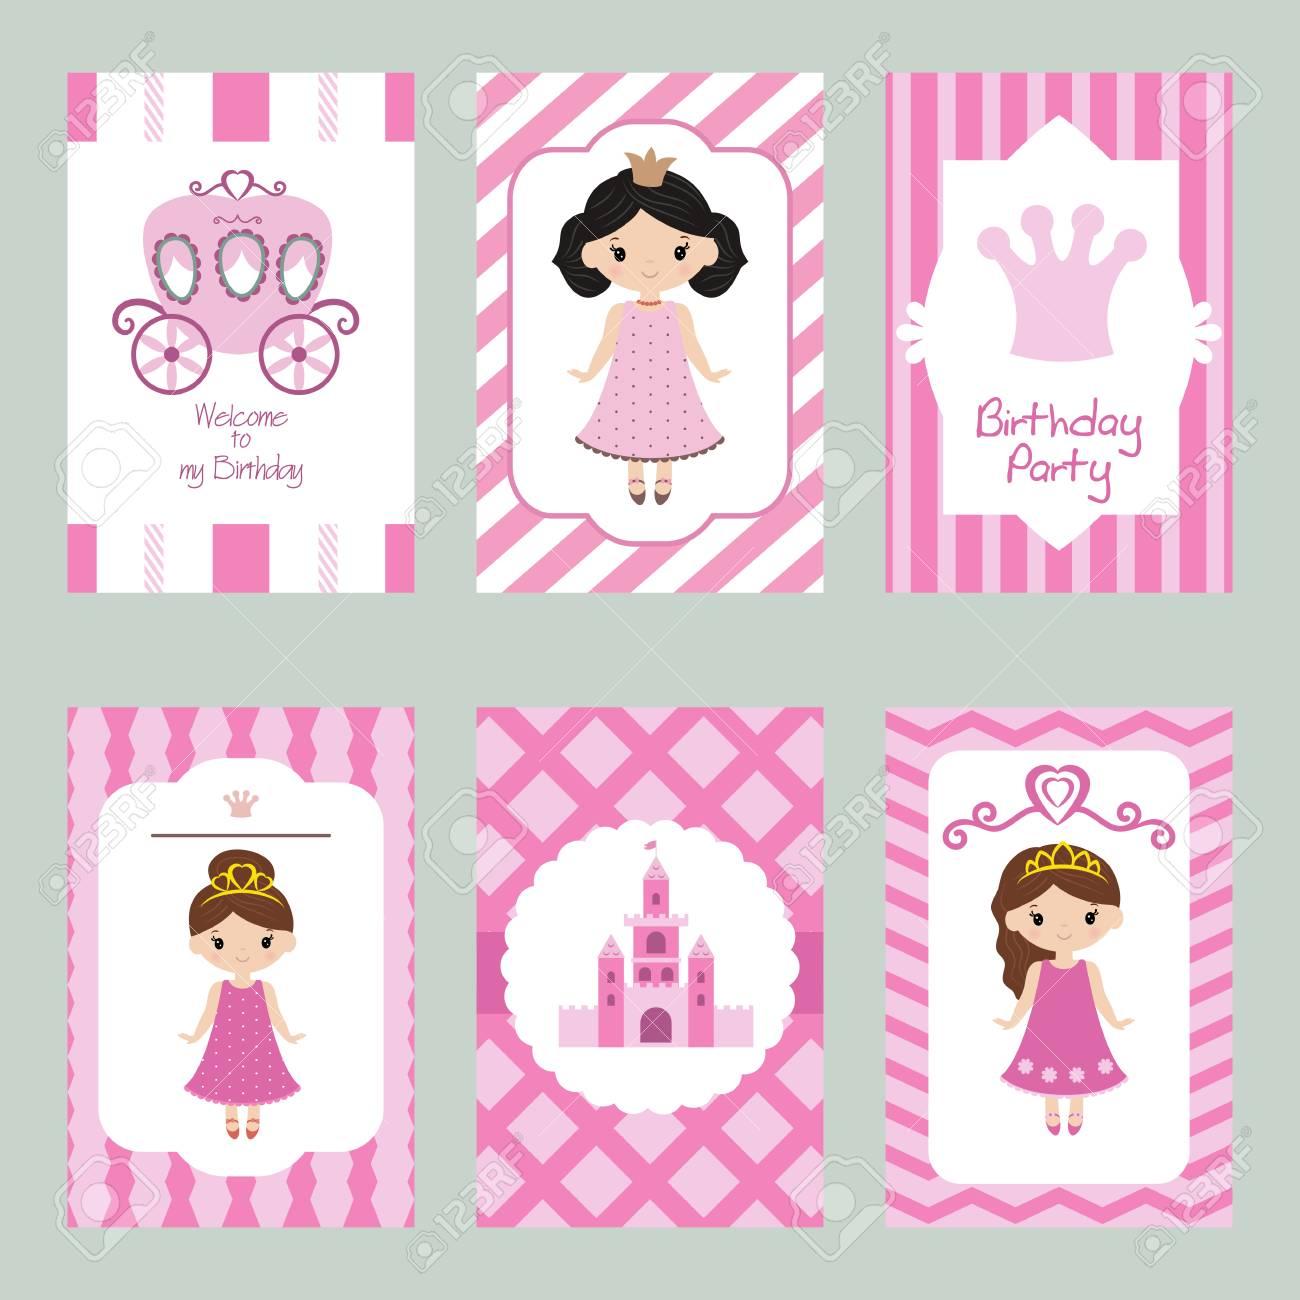 Conjunto De Hermosas Tarjetas De Invitación De Cumpleaños Decoradas Con Princesas De Dibujos Animados